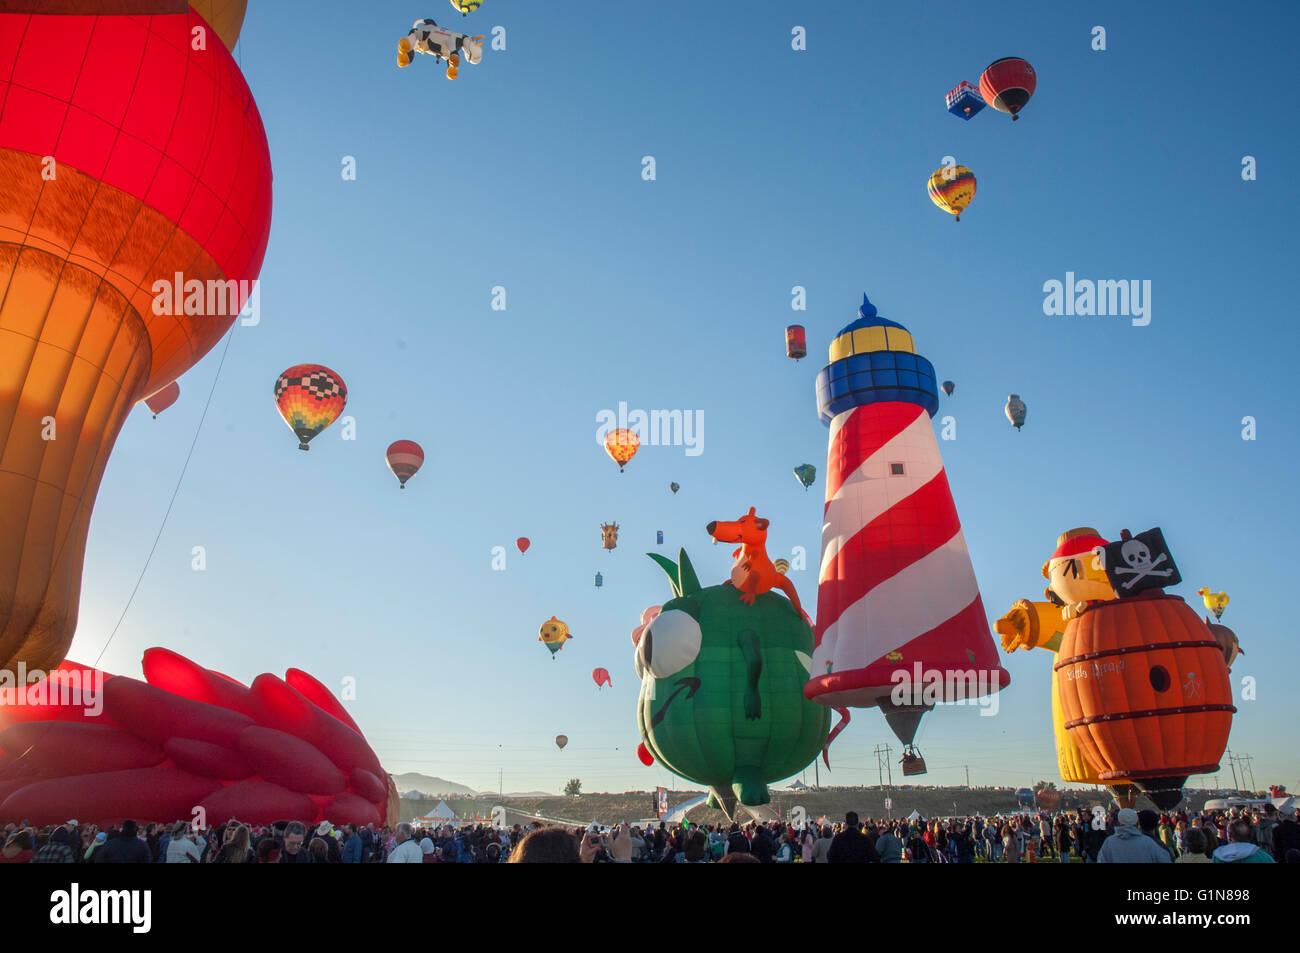 I palloni ad aria calda a Balloon Fiesta di Albuquerque nel New Mexico, U.S. Immagini Stock